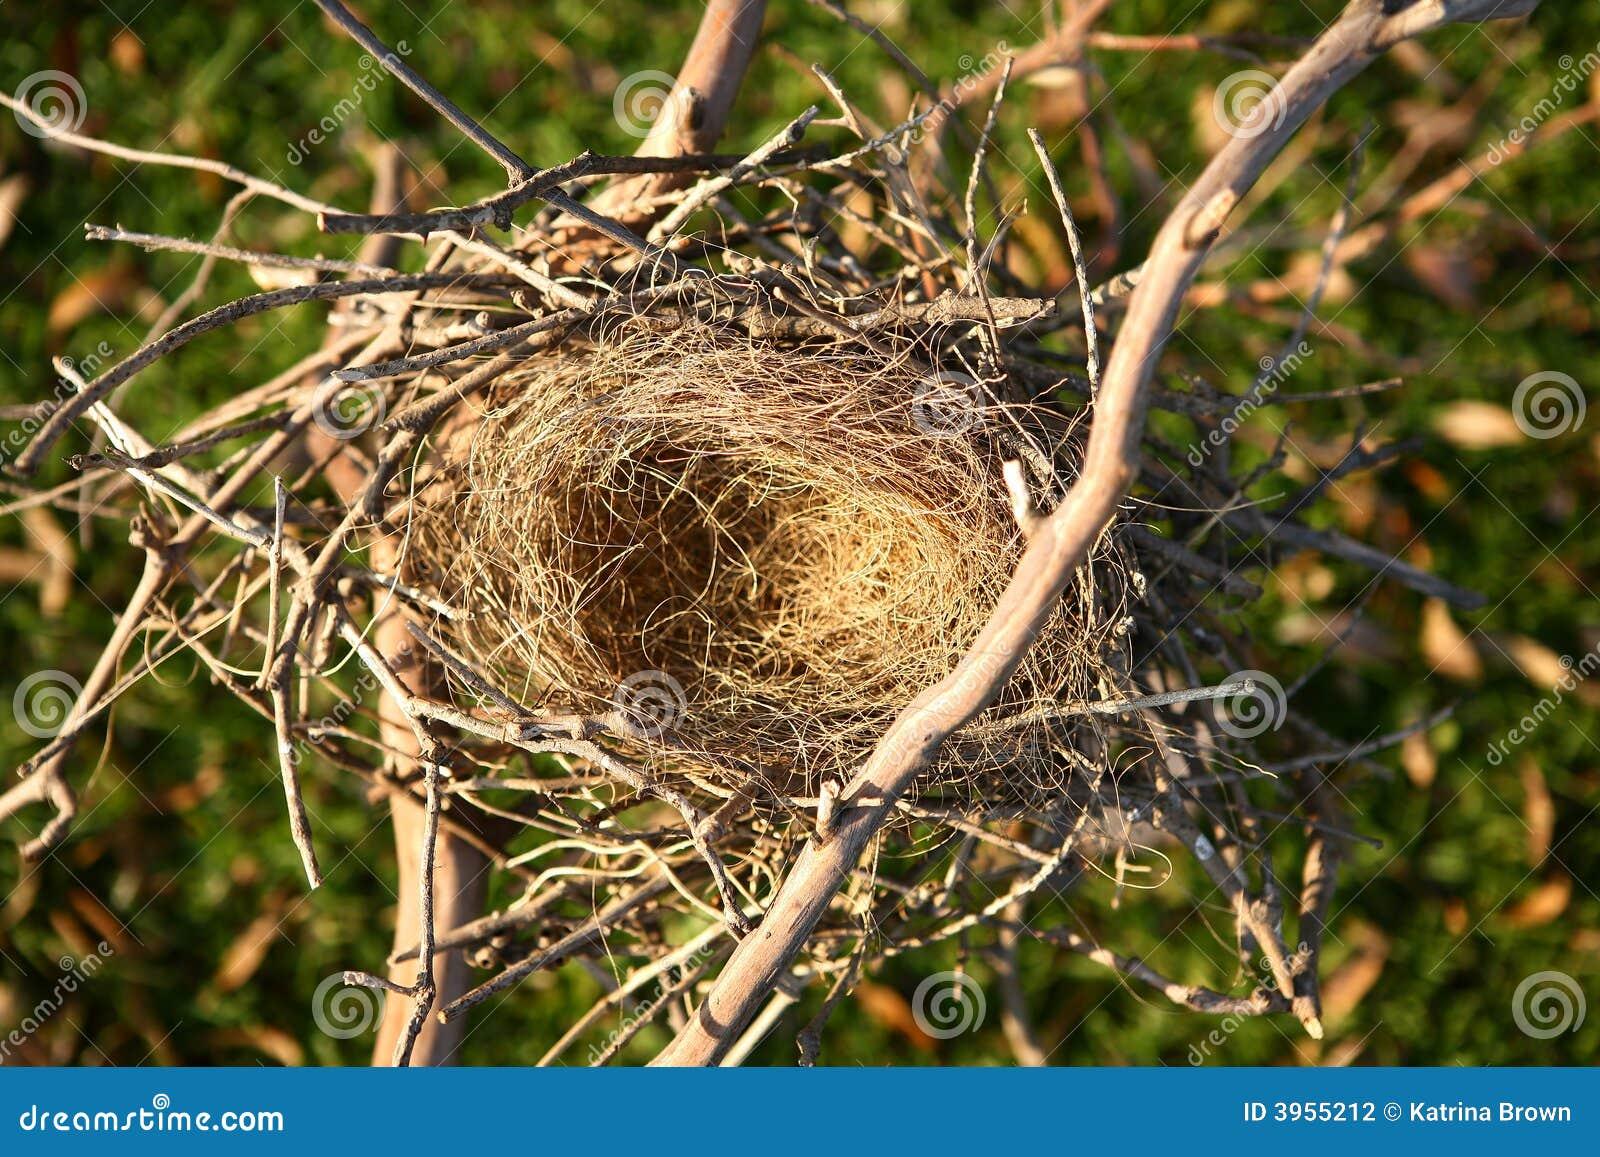 het lege nest van de vogel stock foto afbeelding bestaande uit tussenvoegsel 3955212. Black Bedroom Furniture Sets. Home Design Ideas